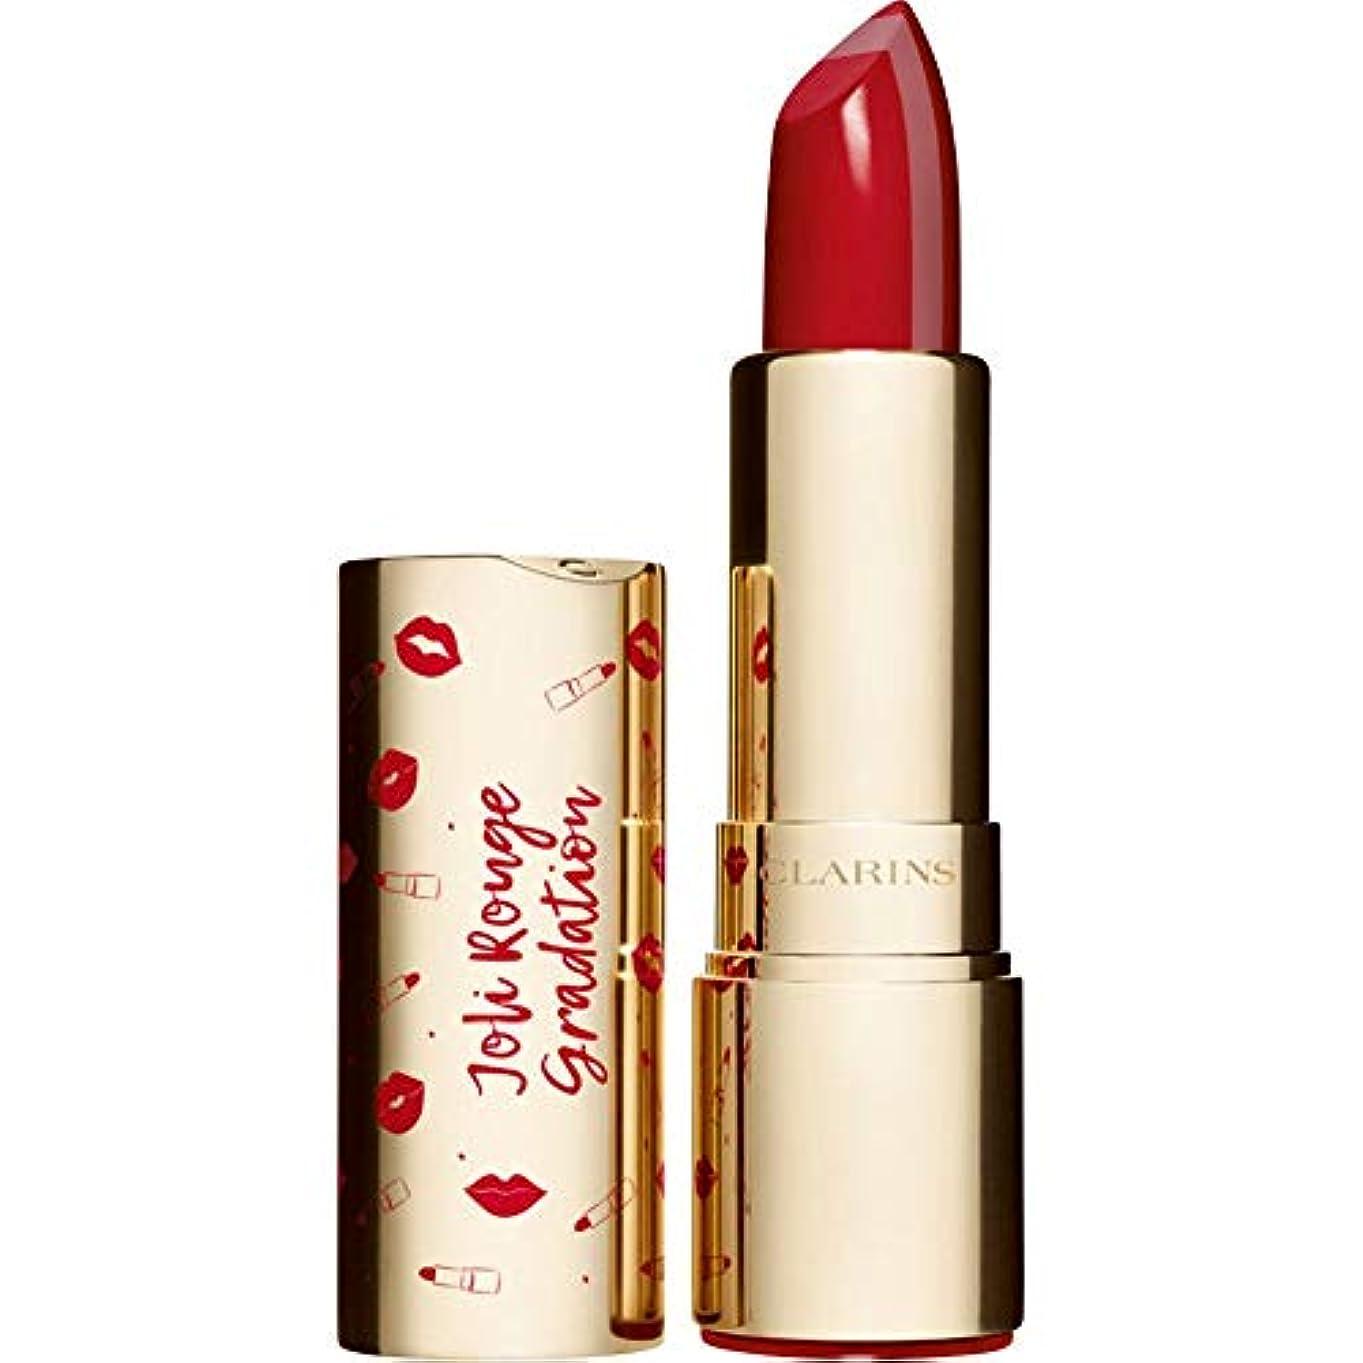 [Clarins ] クラランスジョリルージュグラデーションツートンカラーの口紅3.5グラム802 - 赤のグラデーション - Clarins Joli Rouge Gradation Two-Toned Lipstick...